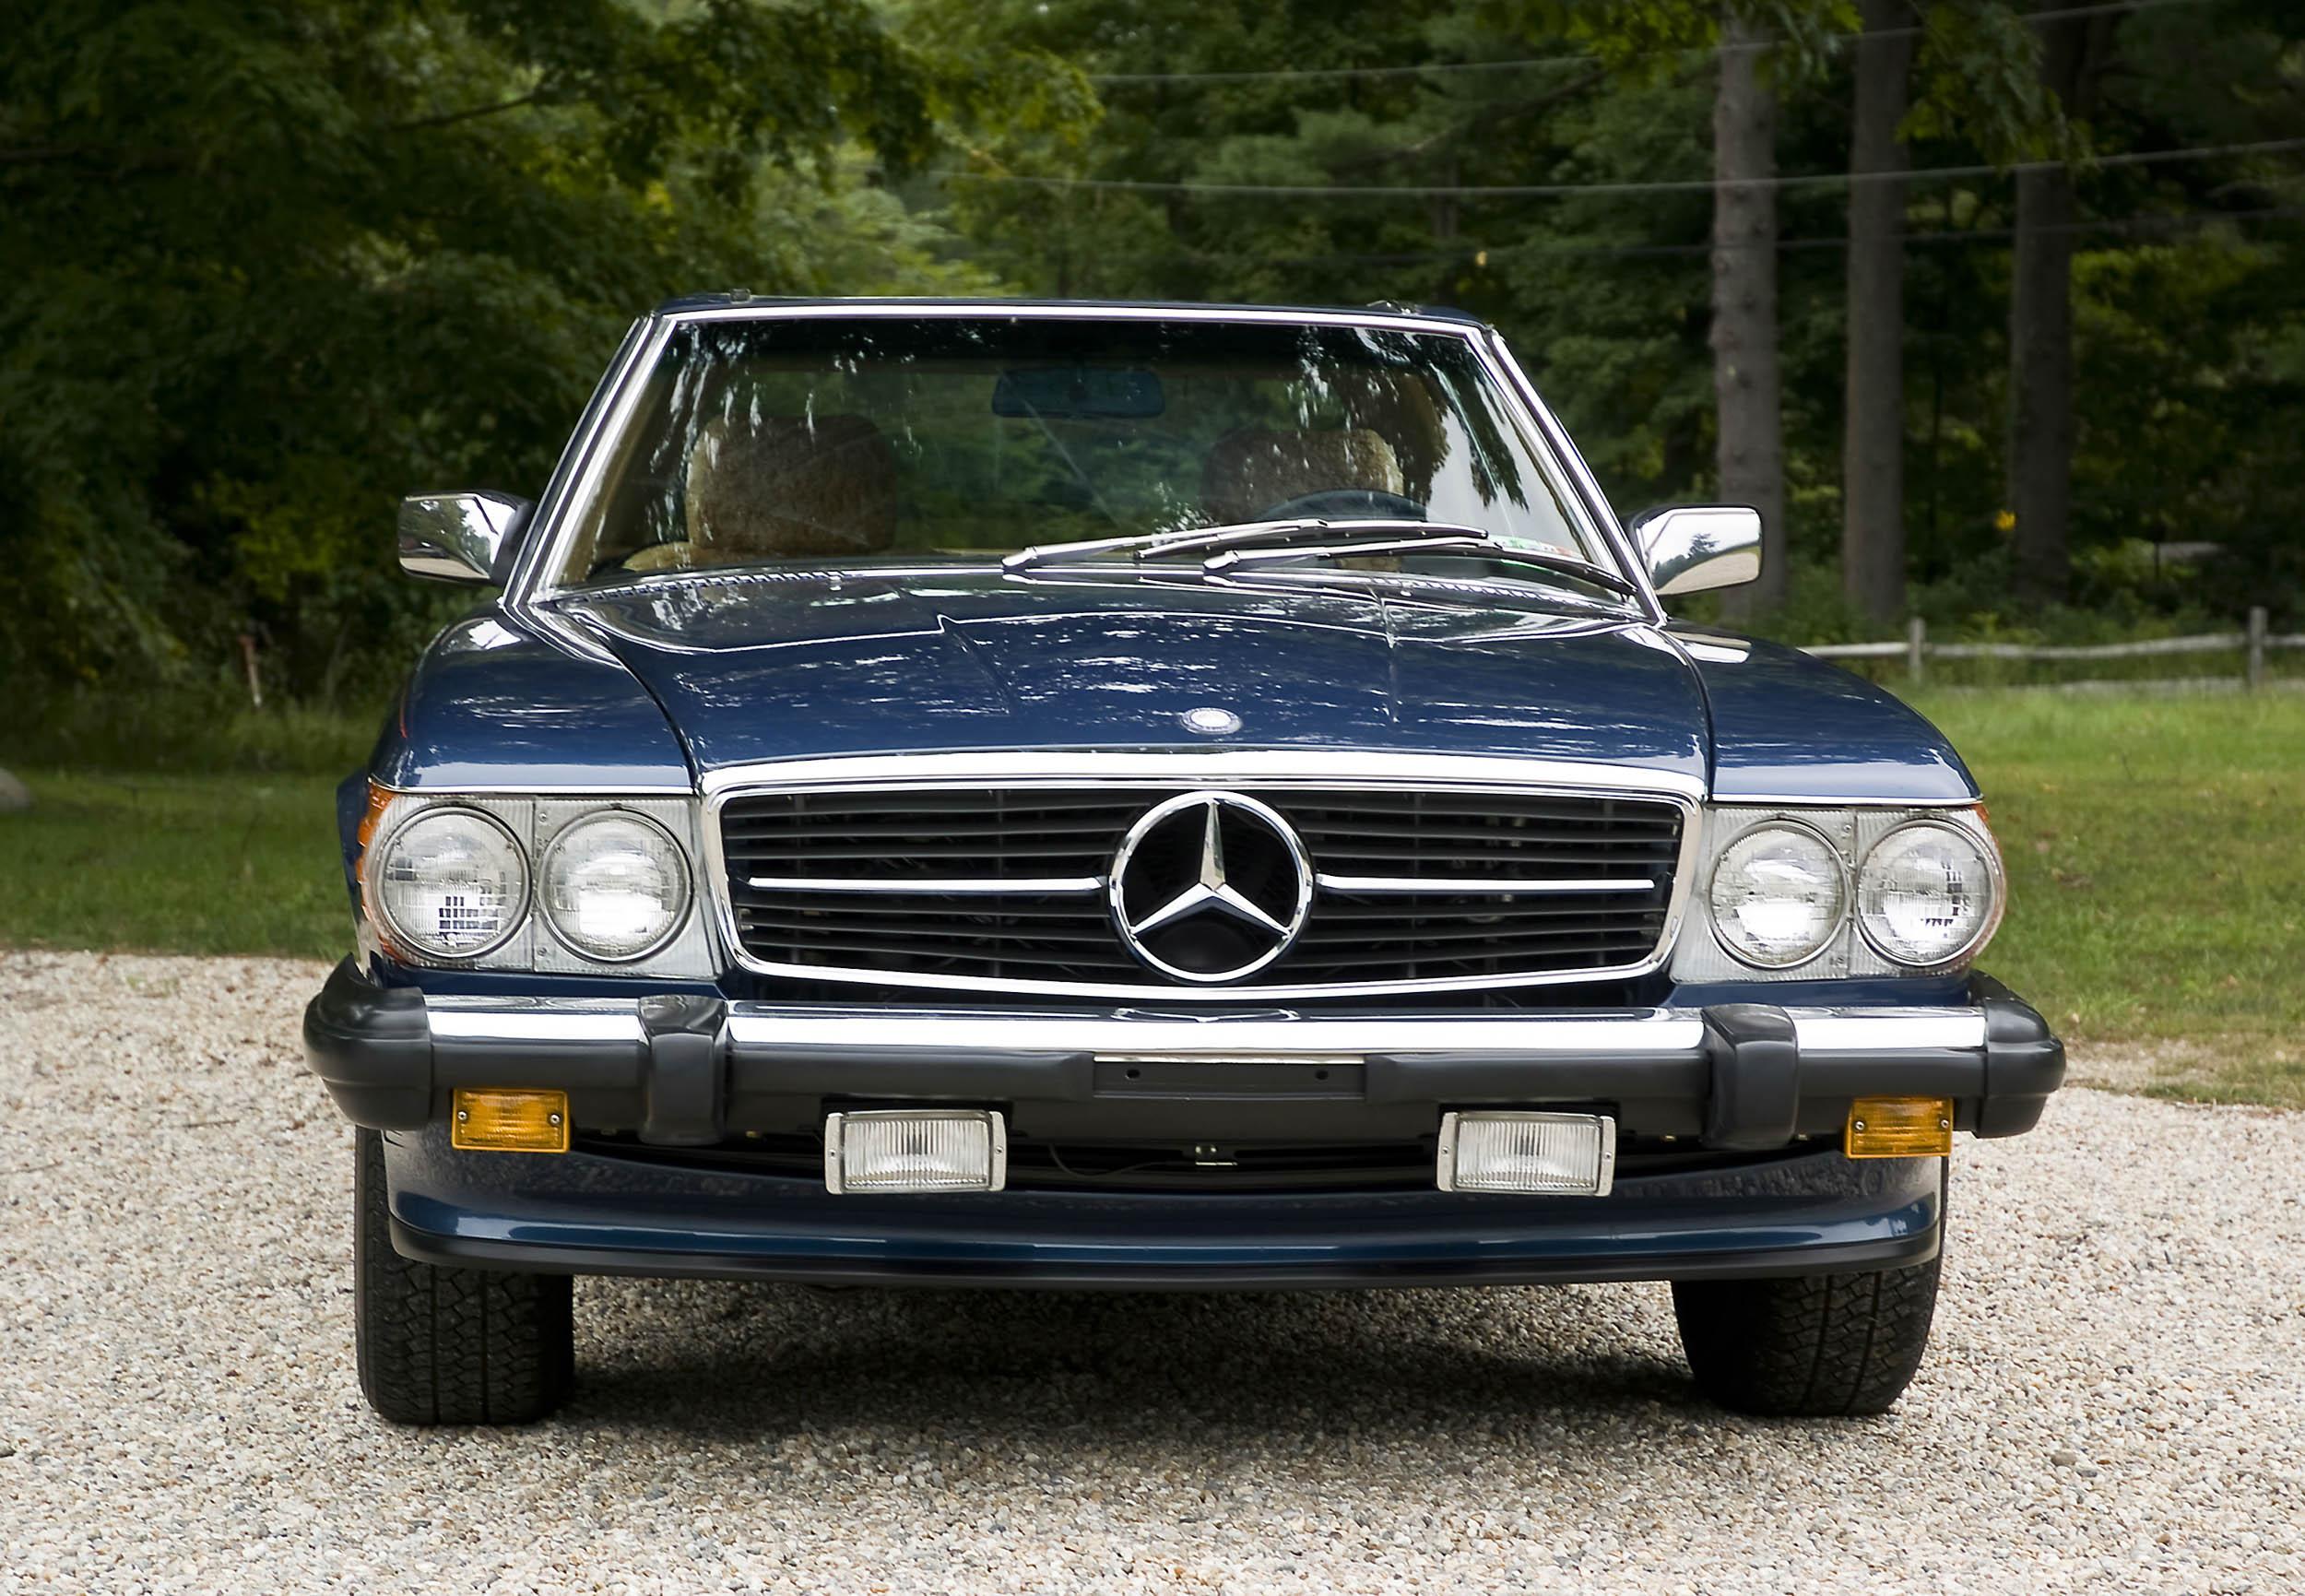 1986 Mercedes-Benz 560 SL front